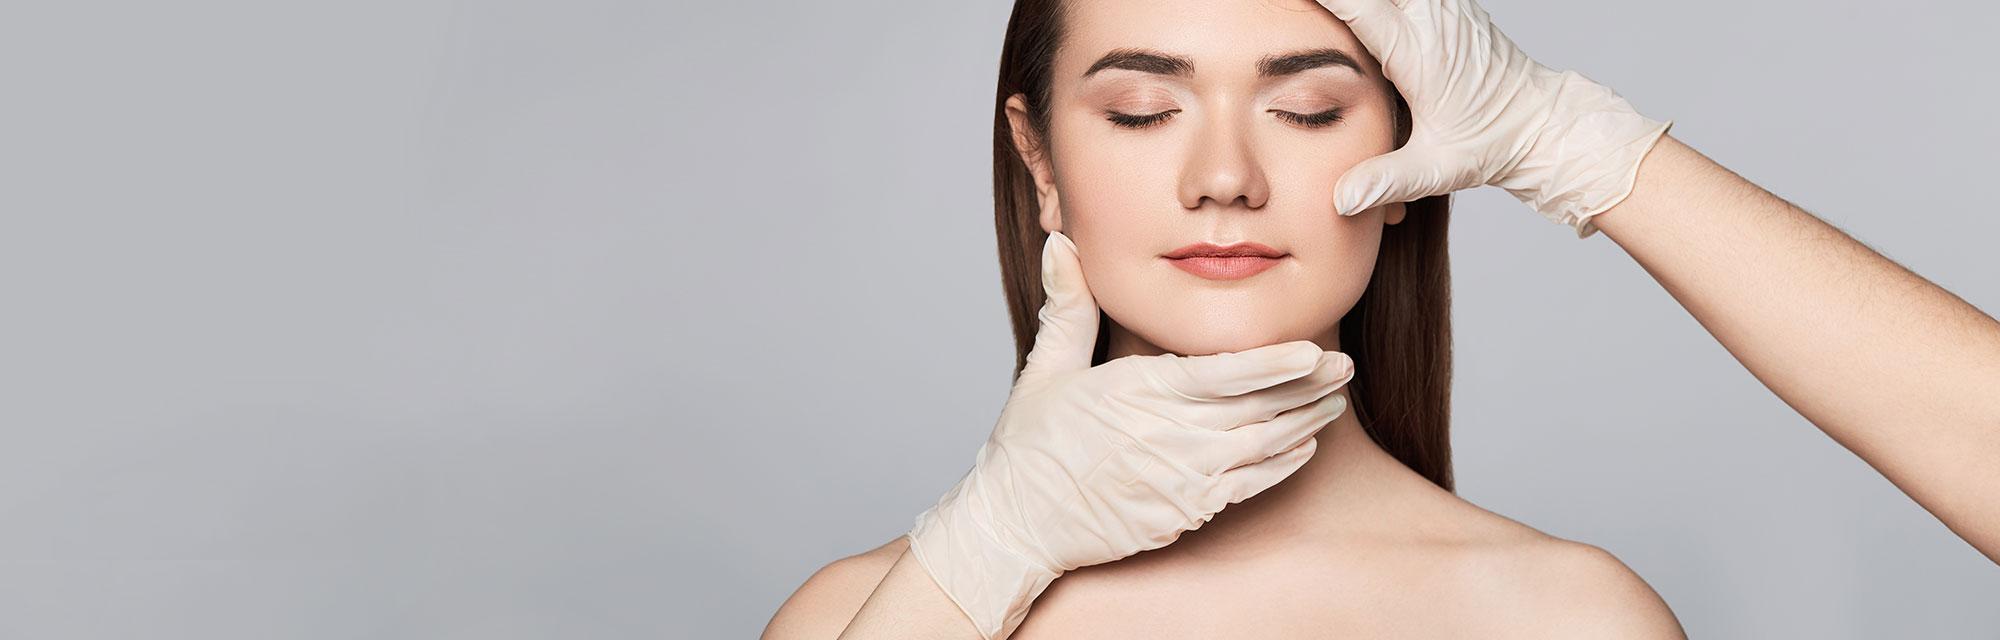 Eigenfettbehandlungen, Tumorentfernung, Narbenkorrektur | Die Plastischen Chirurginnen TirolOberlidstraffung, Brauenlifting | Die Plastischen Chirurginnen Tirol